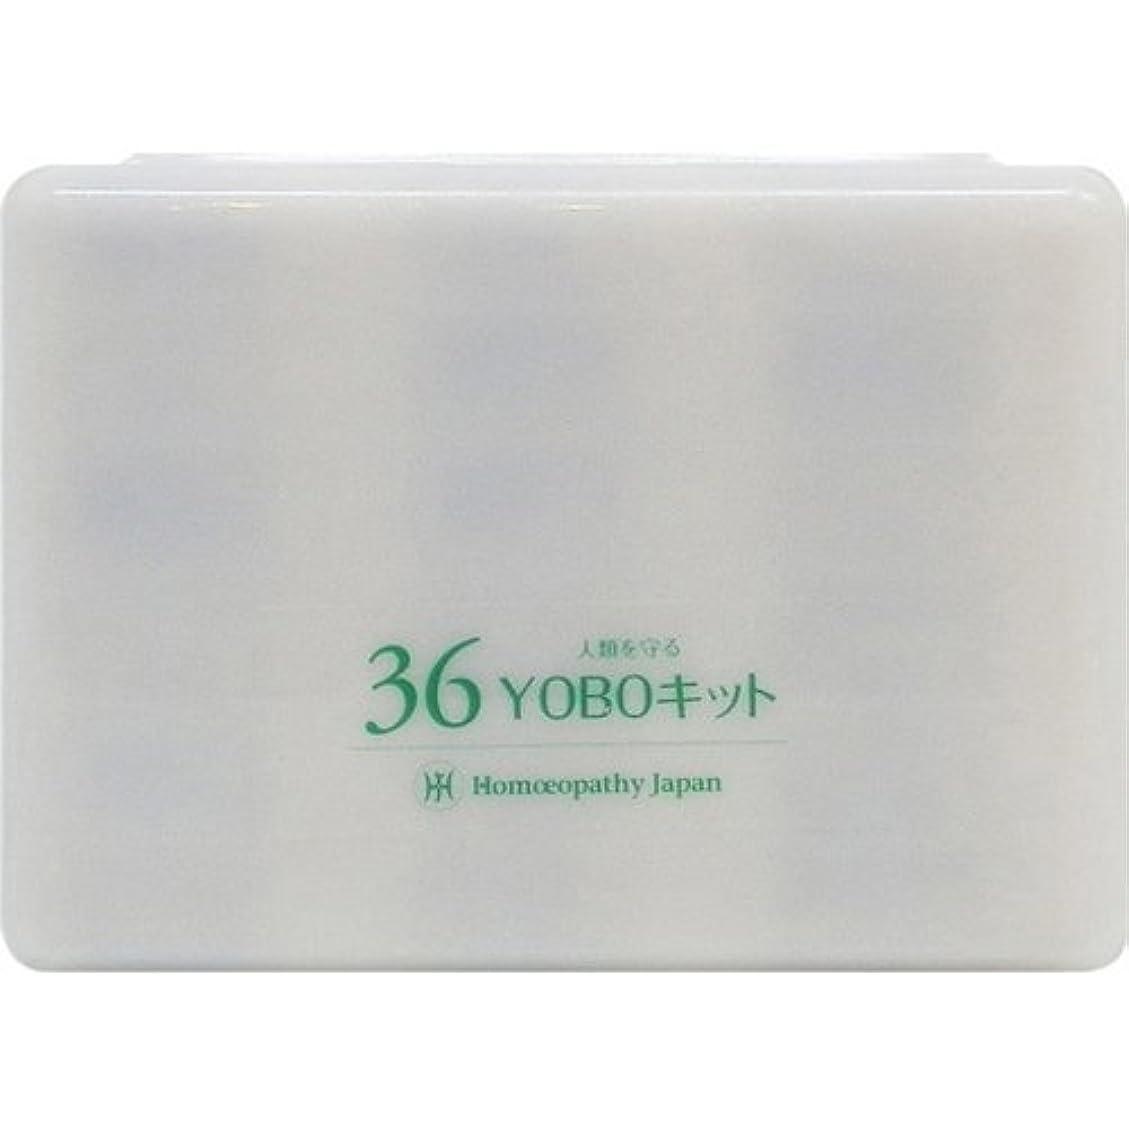 ホメオパシージャパンレメディー 36YOBOキット